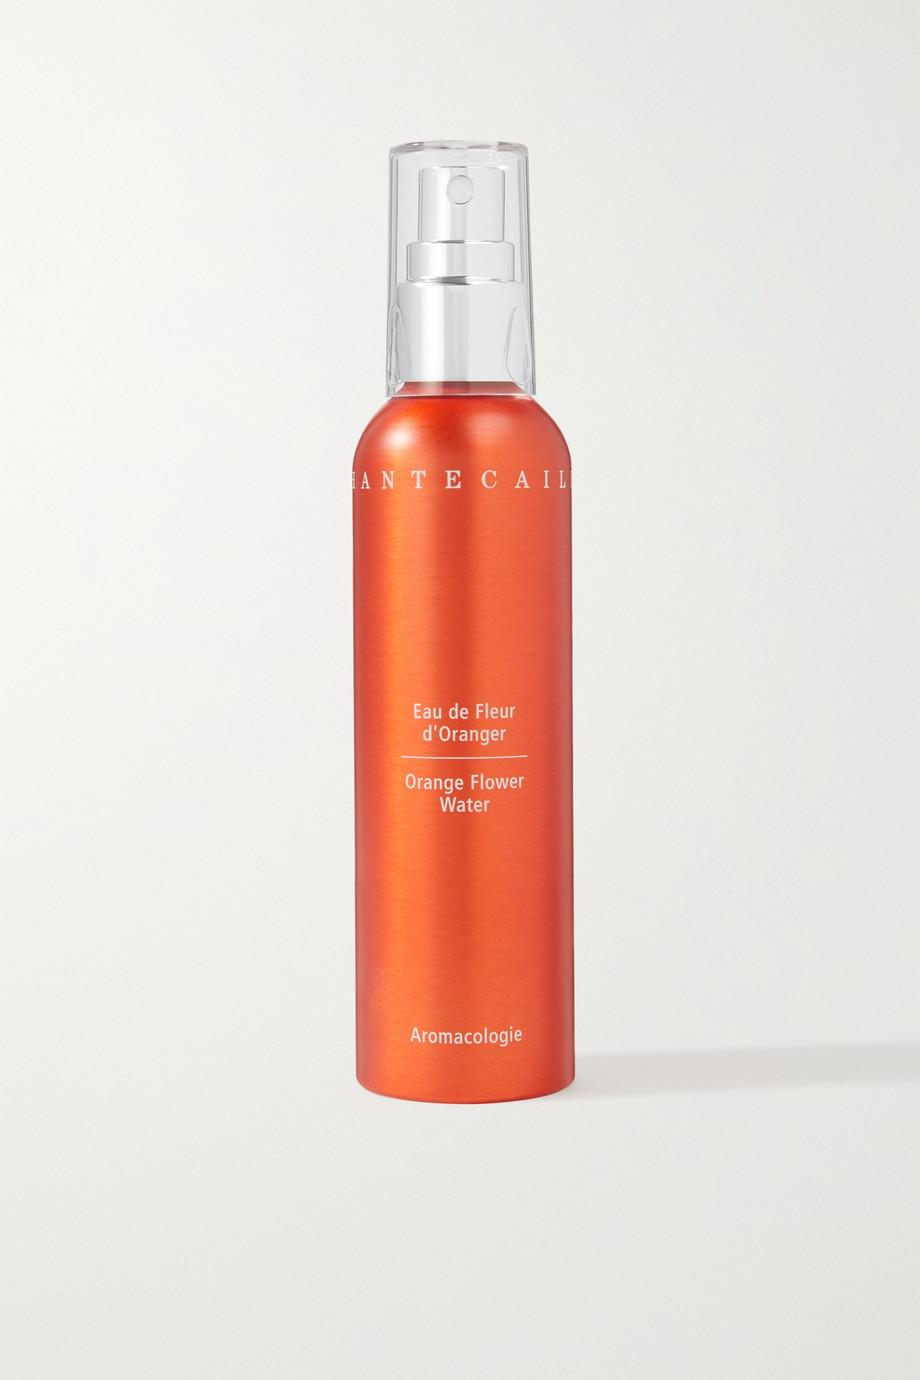 Chantecaille Orange Flower Water, 125 ml – Gesichtsspray